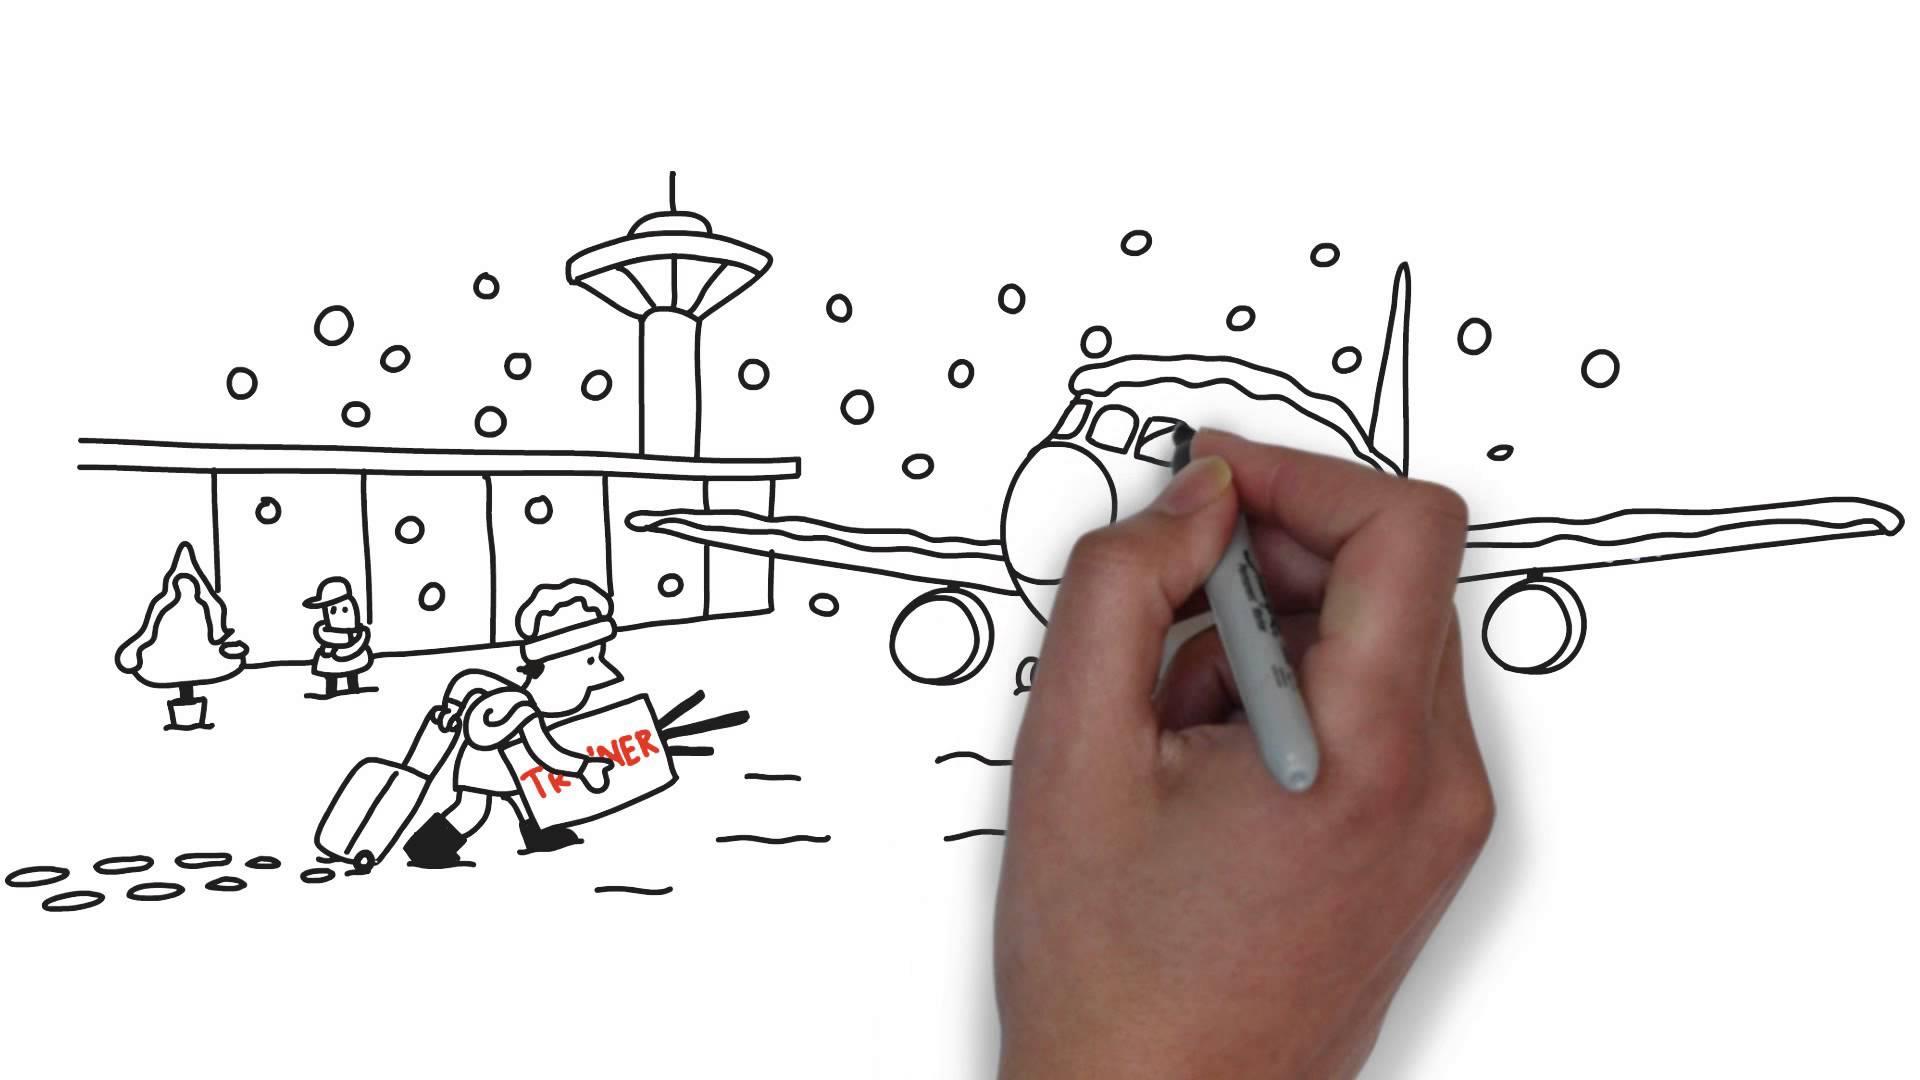 Дудл видео – полезная информация в доступном виде